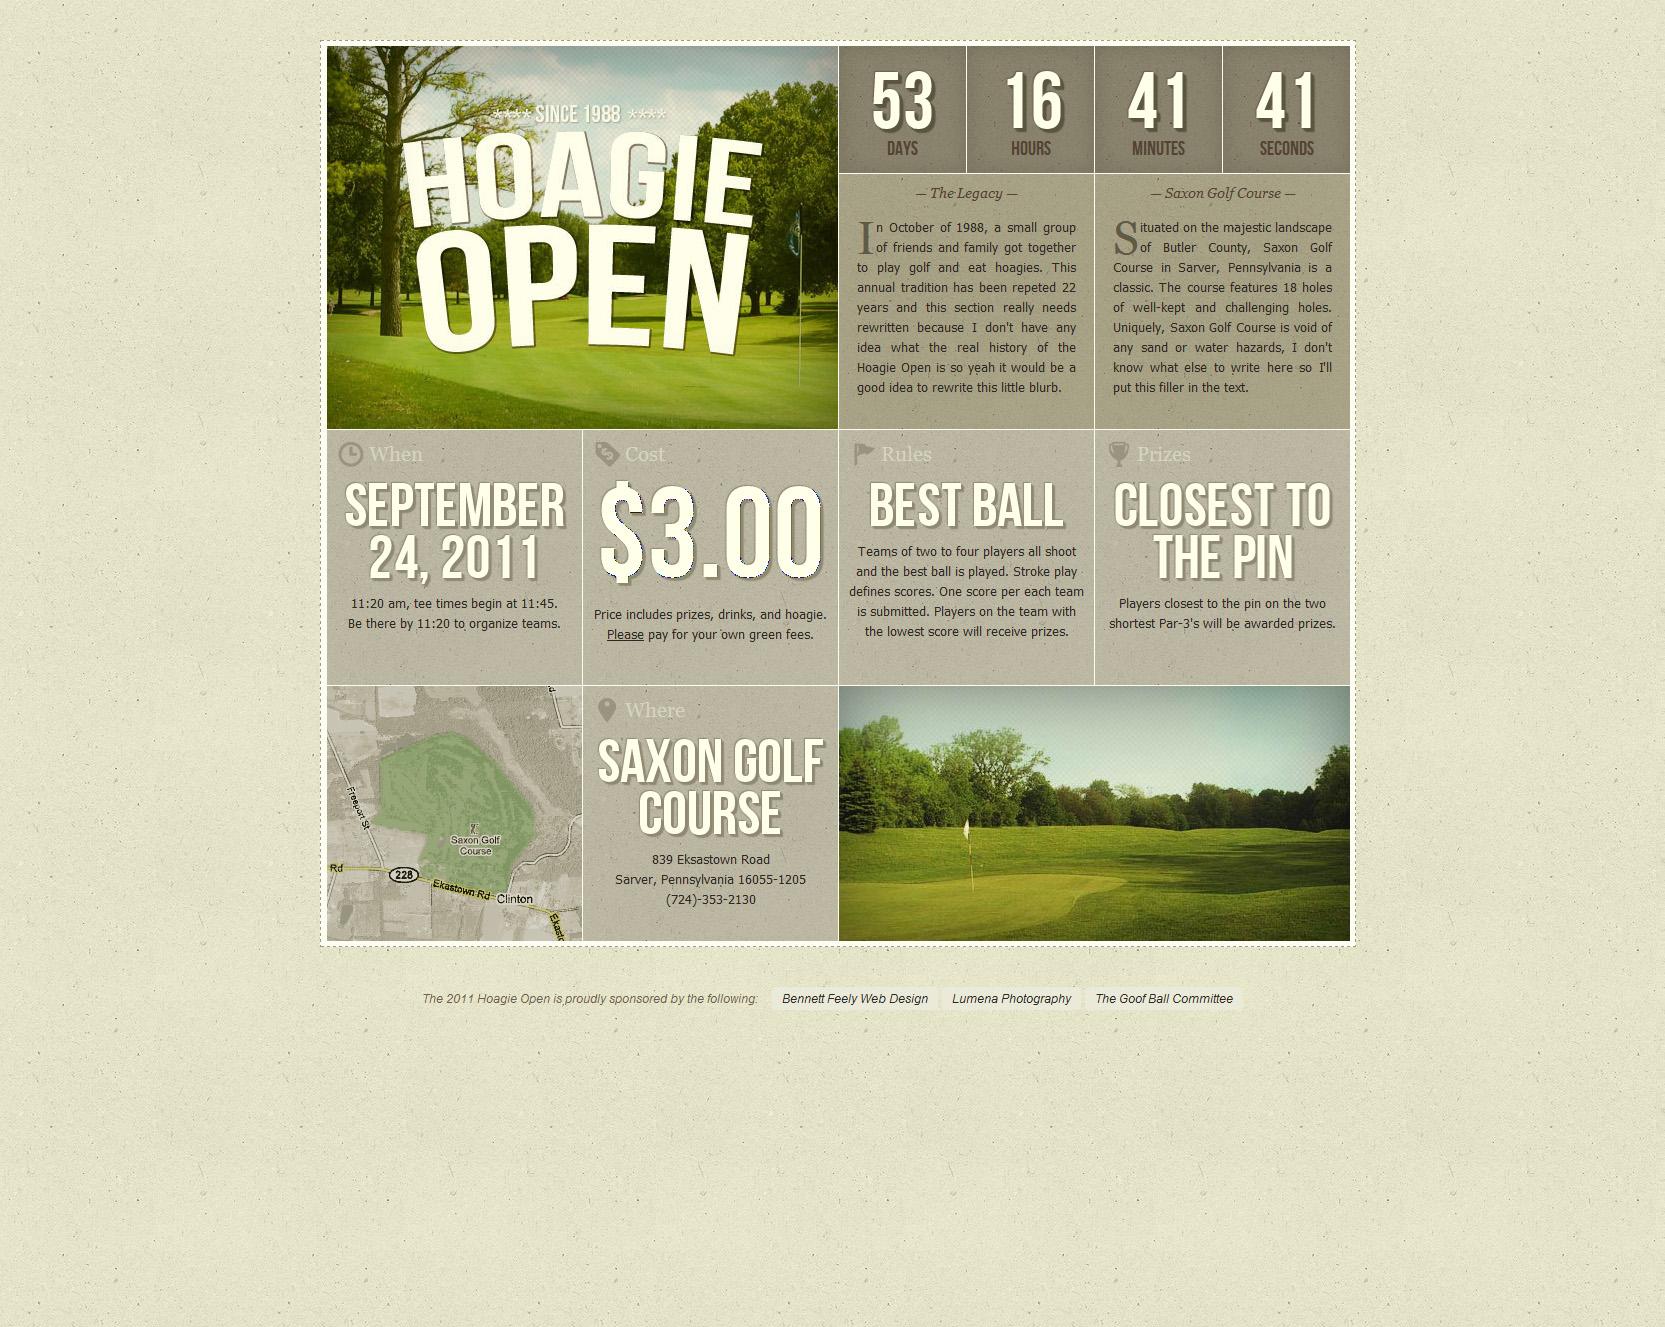 Hoagie Open Website Screenshot